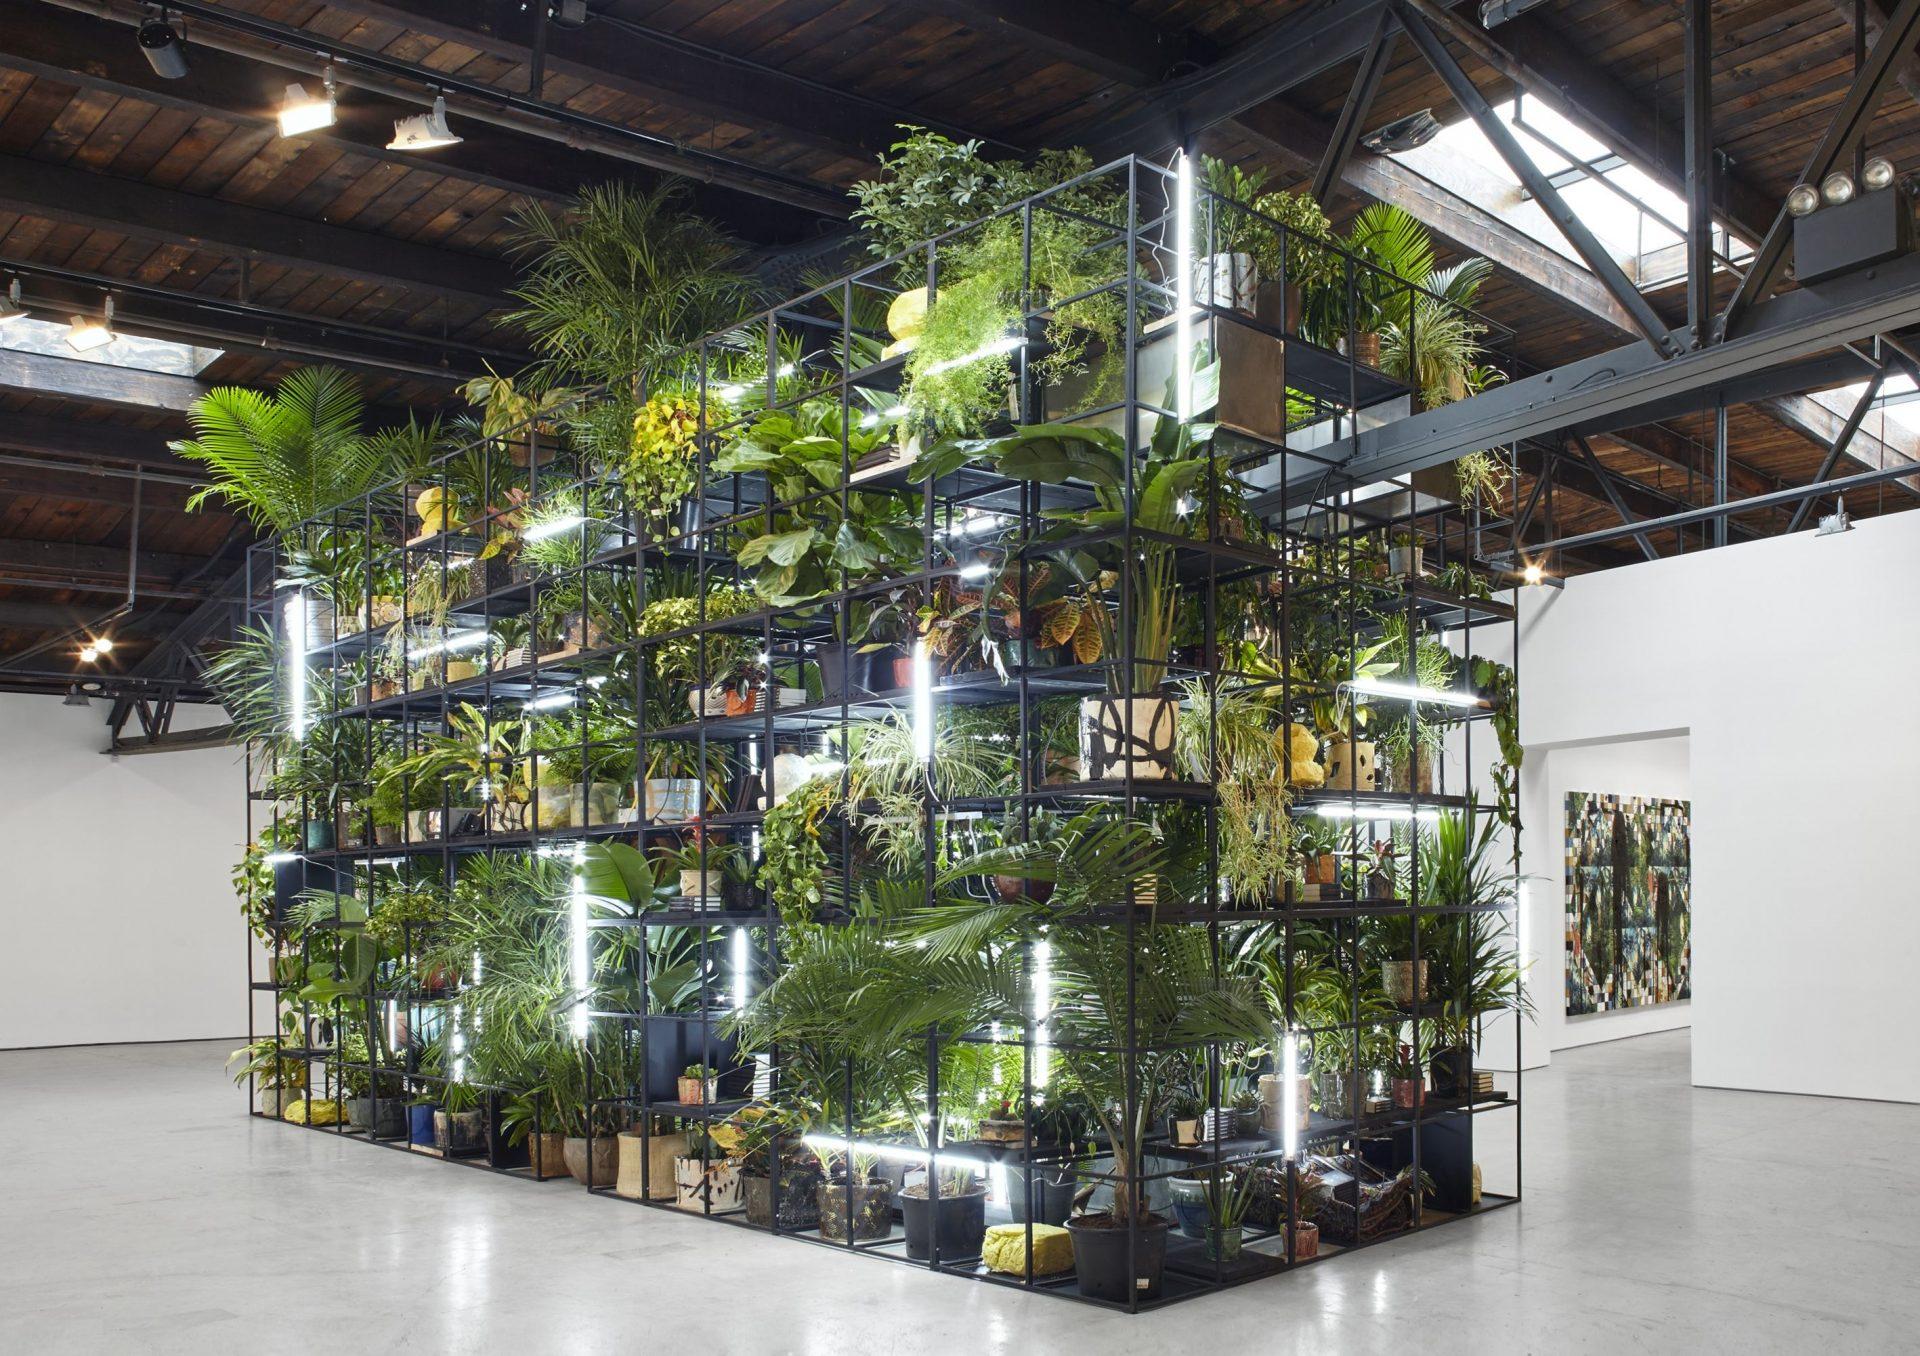 Rashid plants